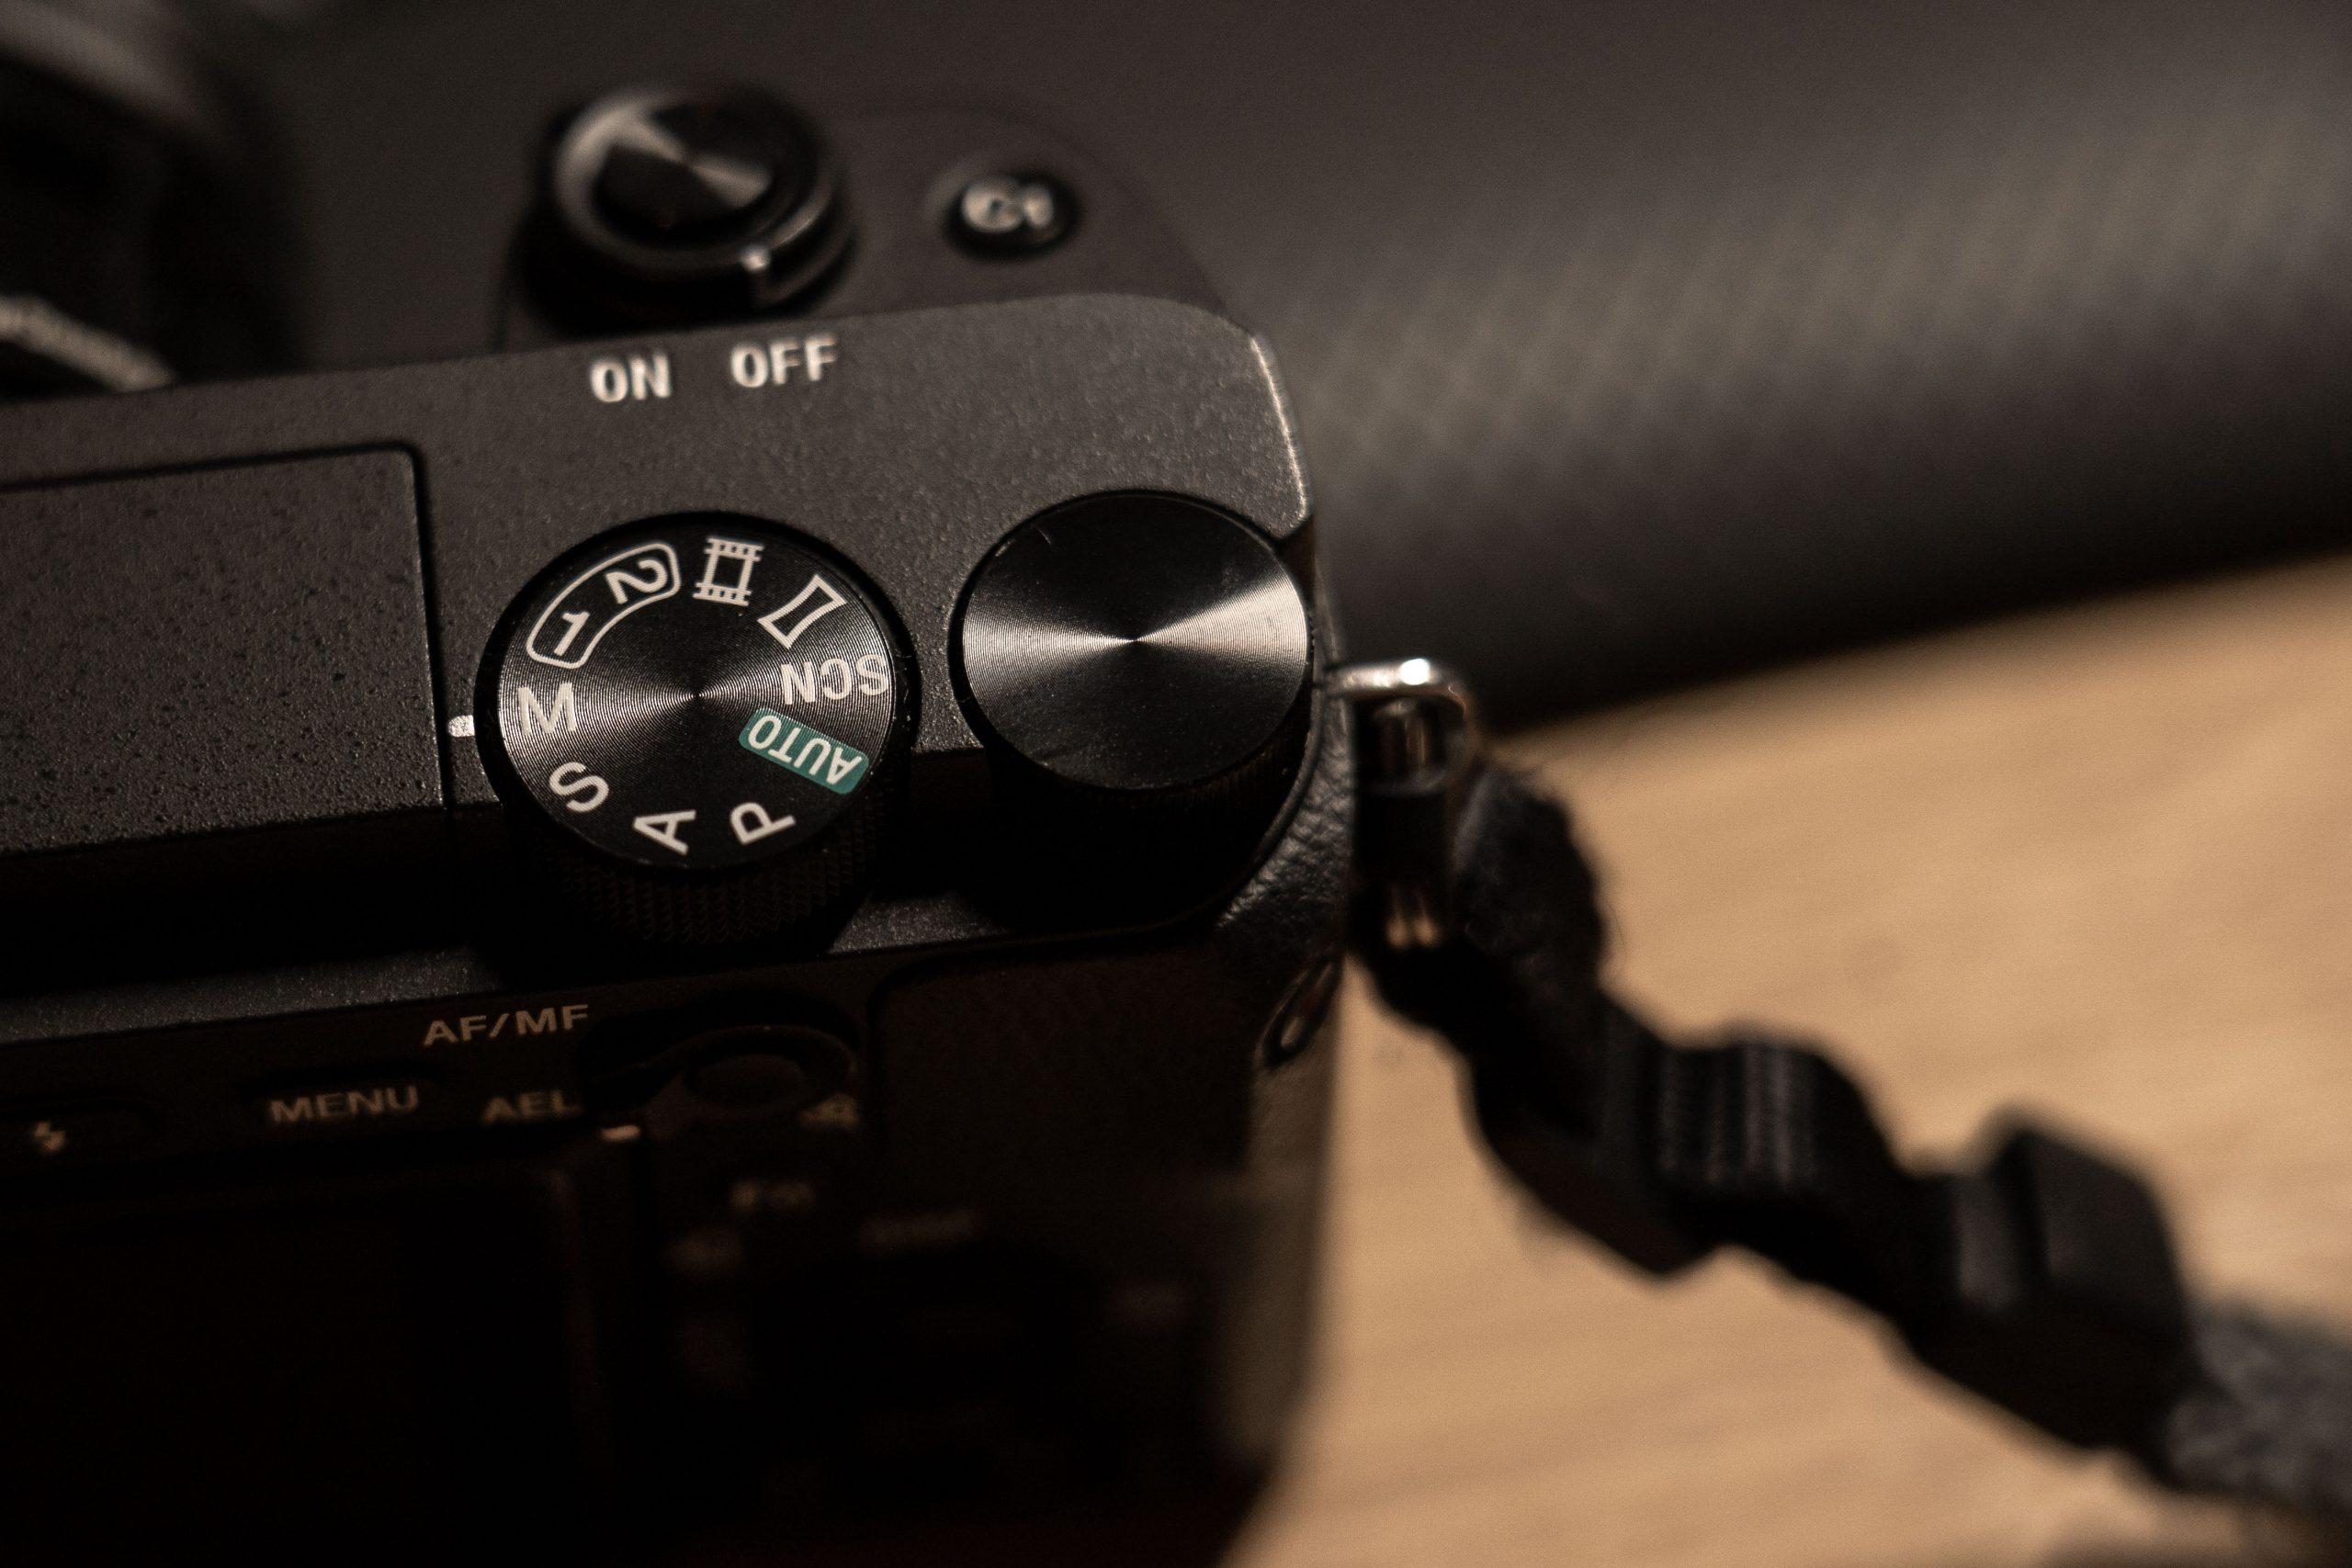 P A S M und Auto – 5 Arten zu fotografieren